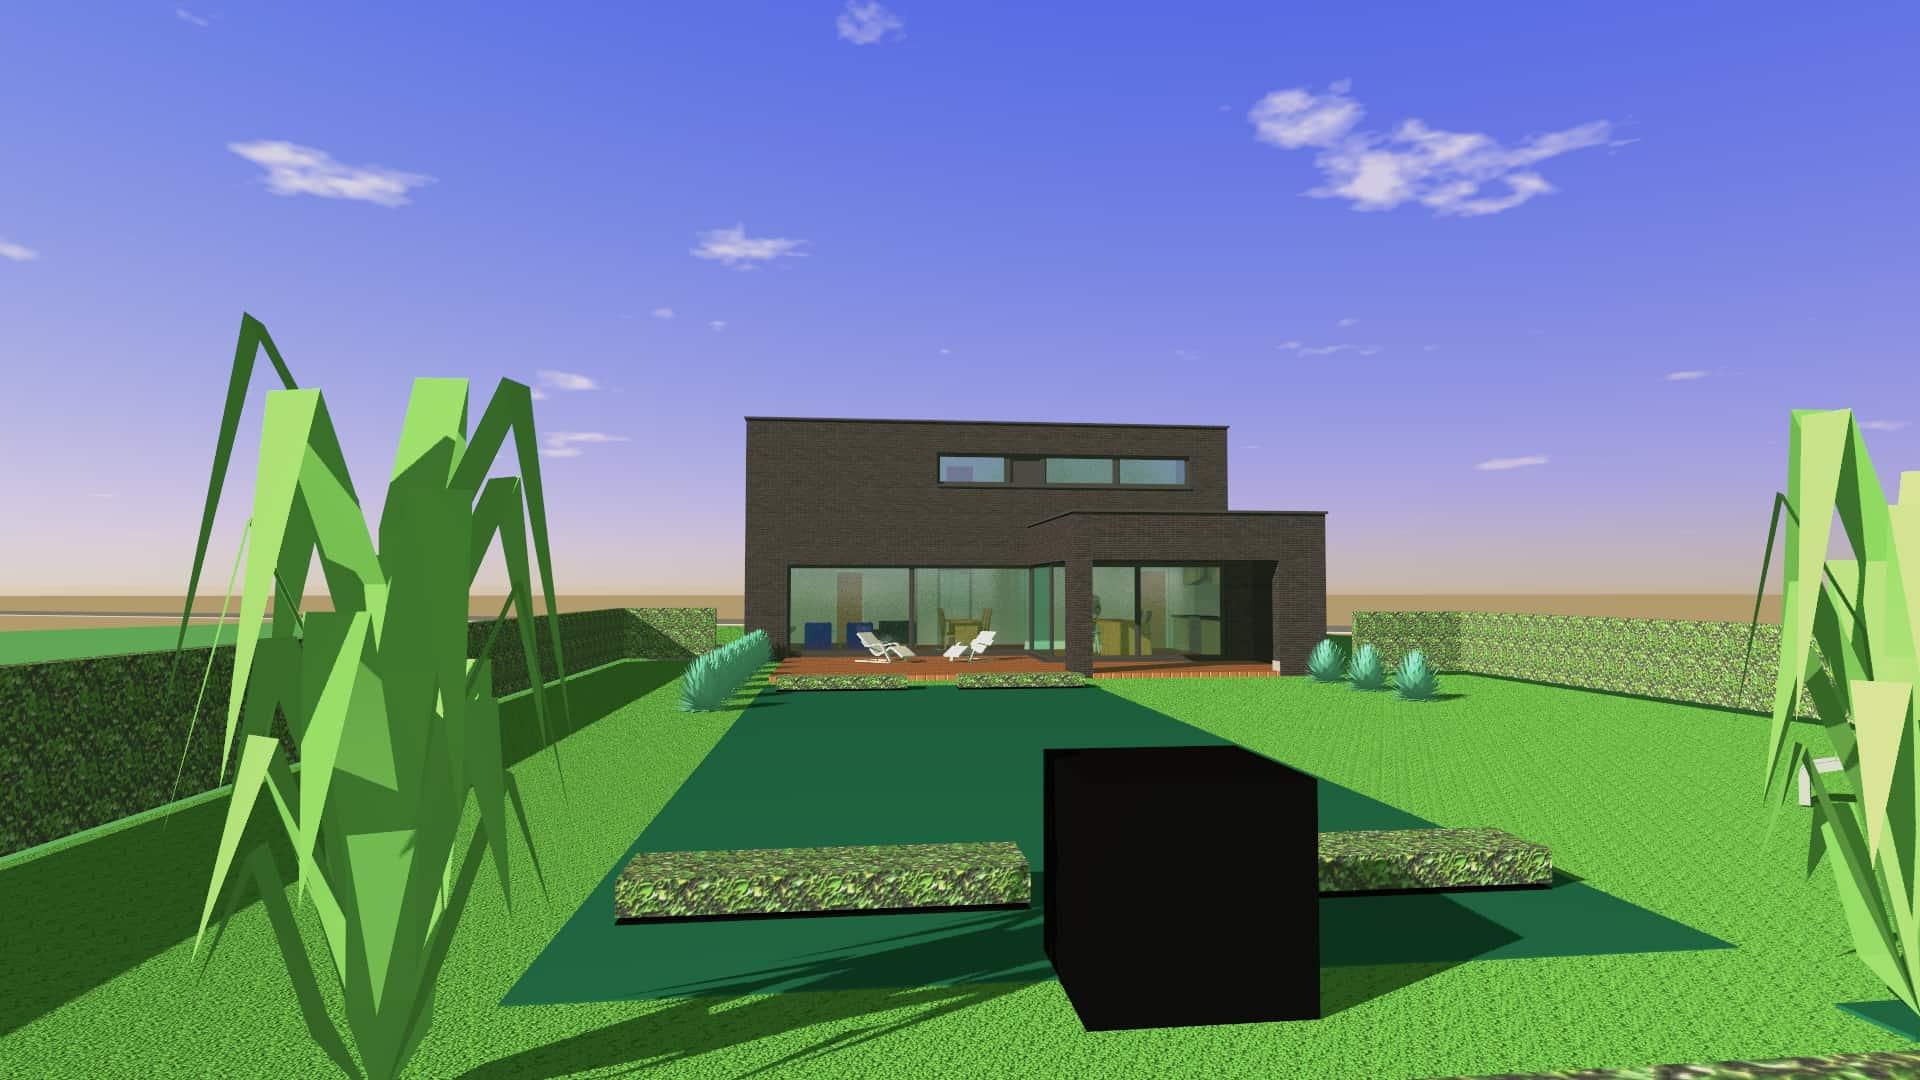 Detail afbeelding 2 van V & S   –   Strakke zwarte woning   –   Zutendaal | Ontwerp door architect Patrick Strackx